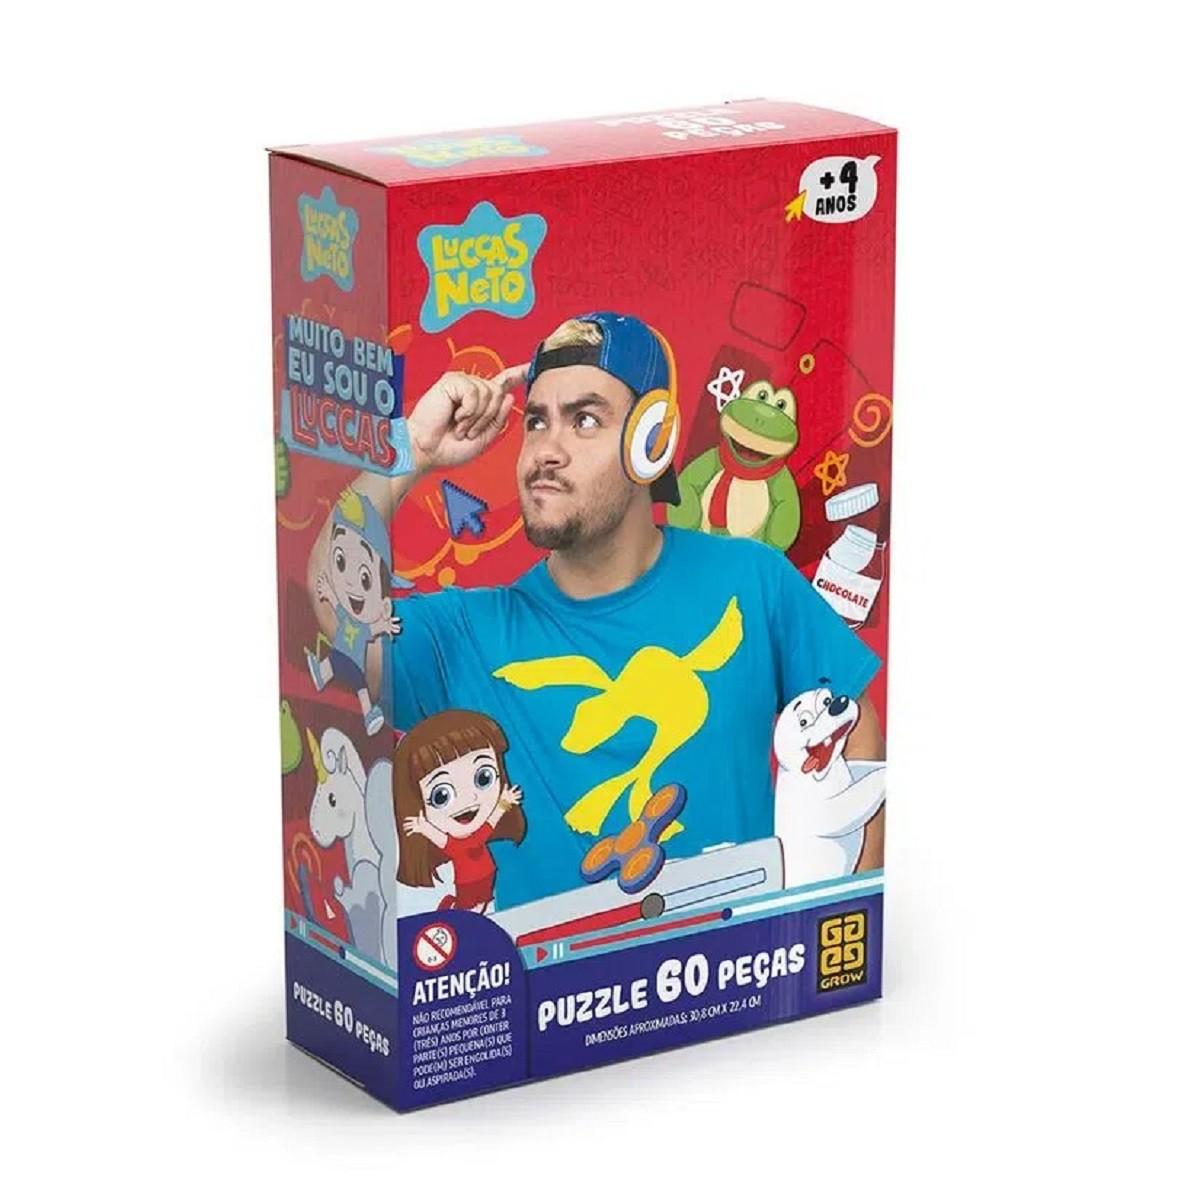 Brinquedo Quebra-Cabeça Puzze 60 Peças Luccas Neto